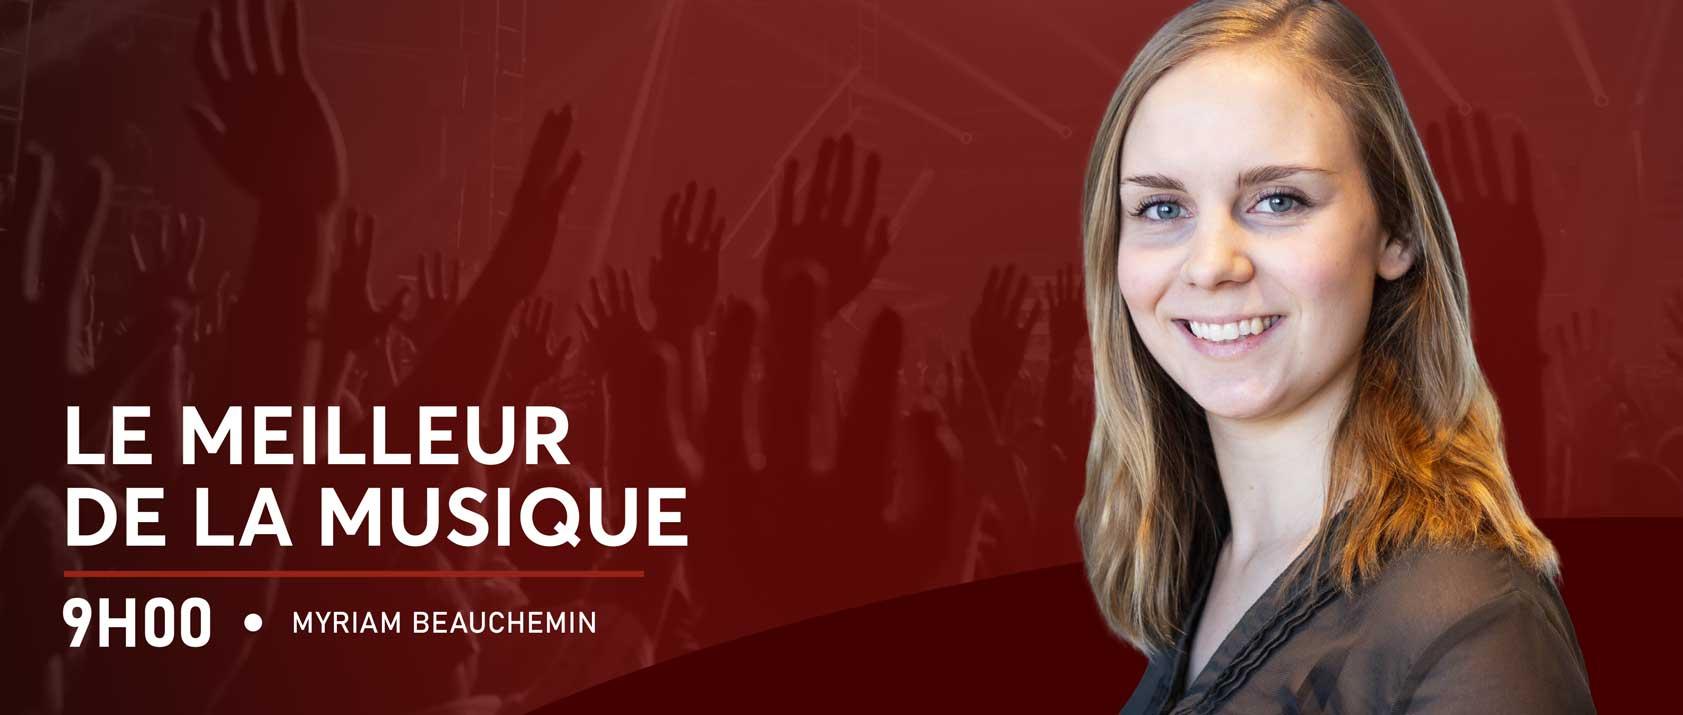 MyriamBeauchemin--Banniere